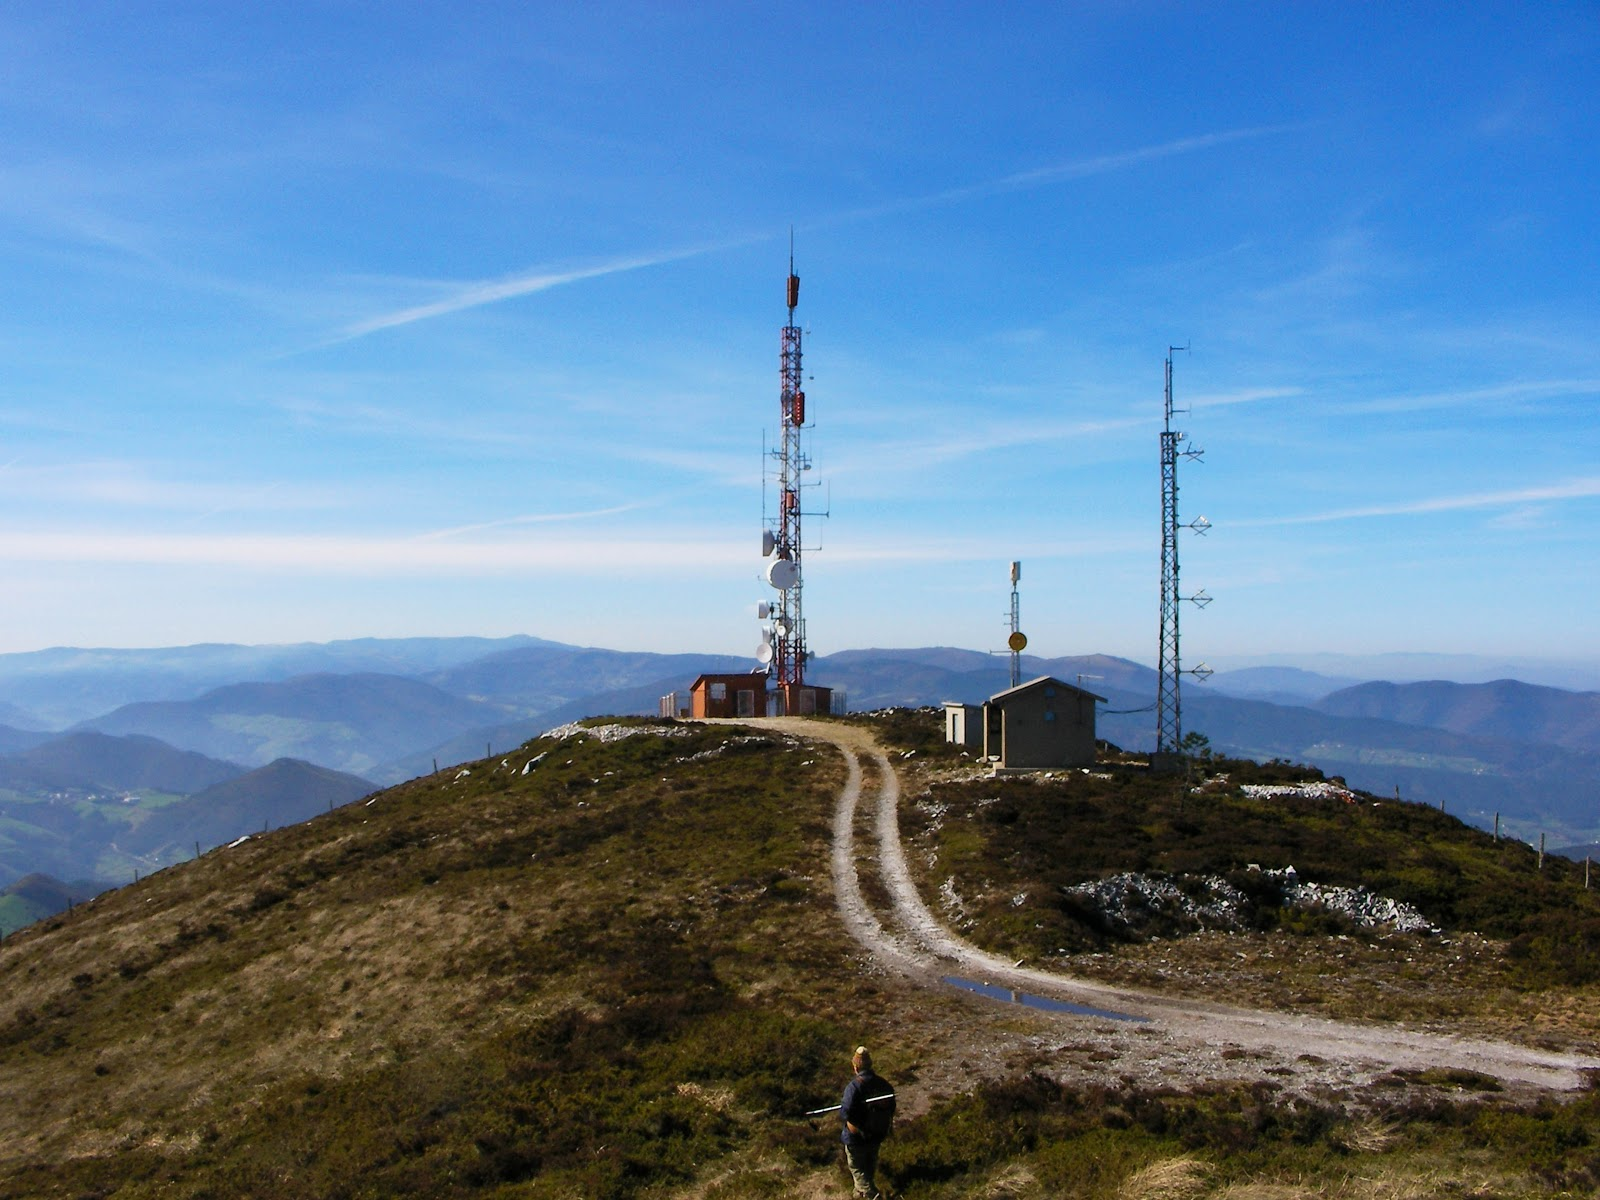 CANGAS DEL NARCEA: Quejas de alcaldía por las interferencias en la TDT